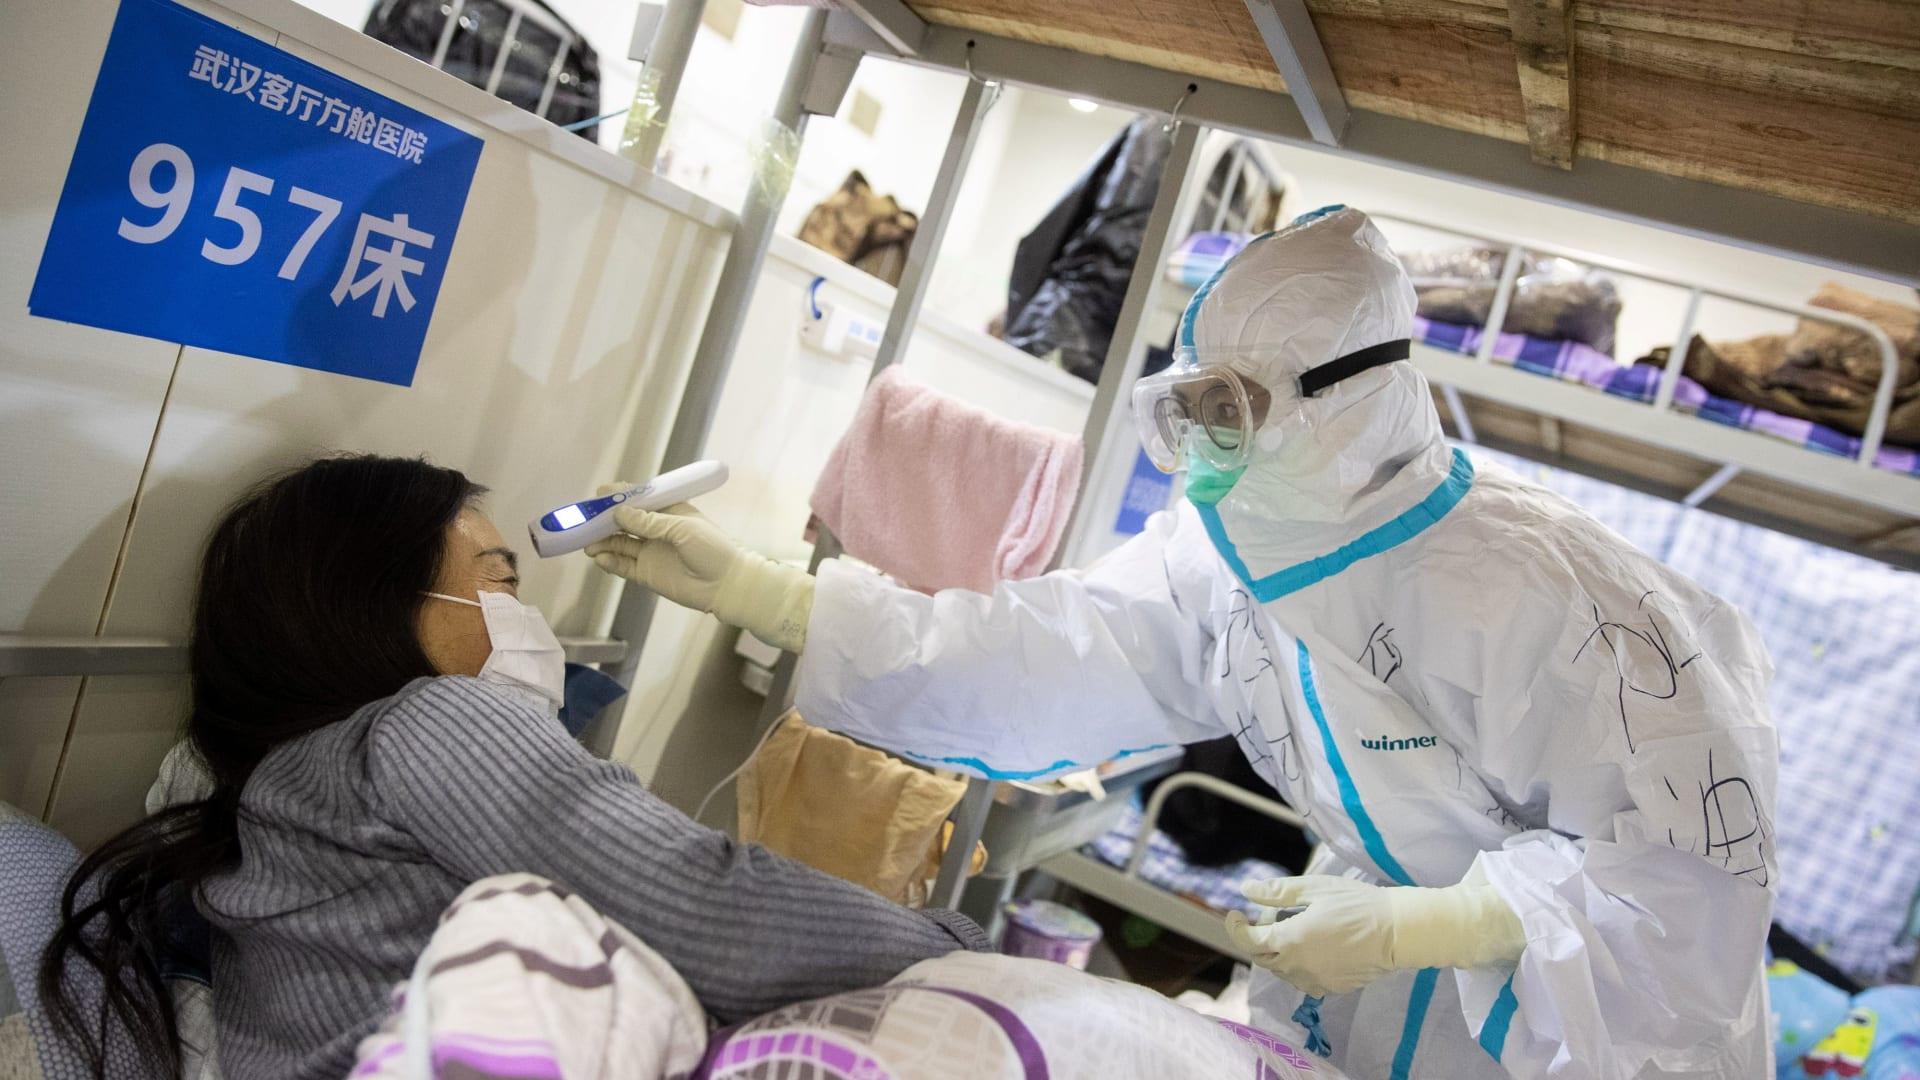 فيروس كورونا الجديد.. دراسة تتوقع تعافي 80٪ من الحالات تماما